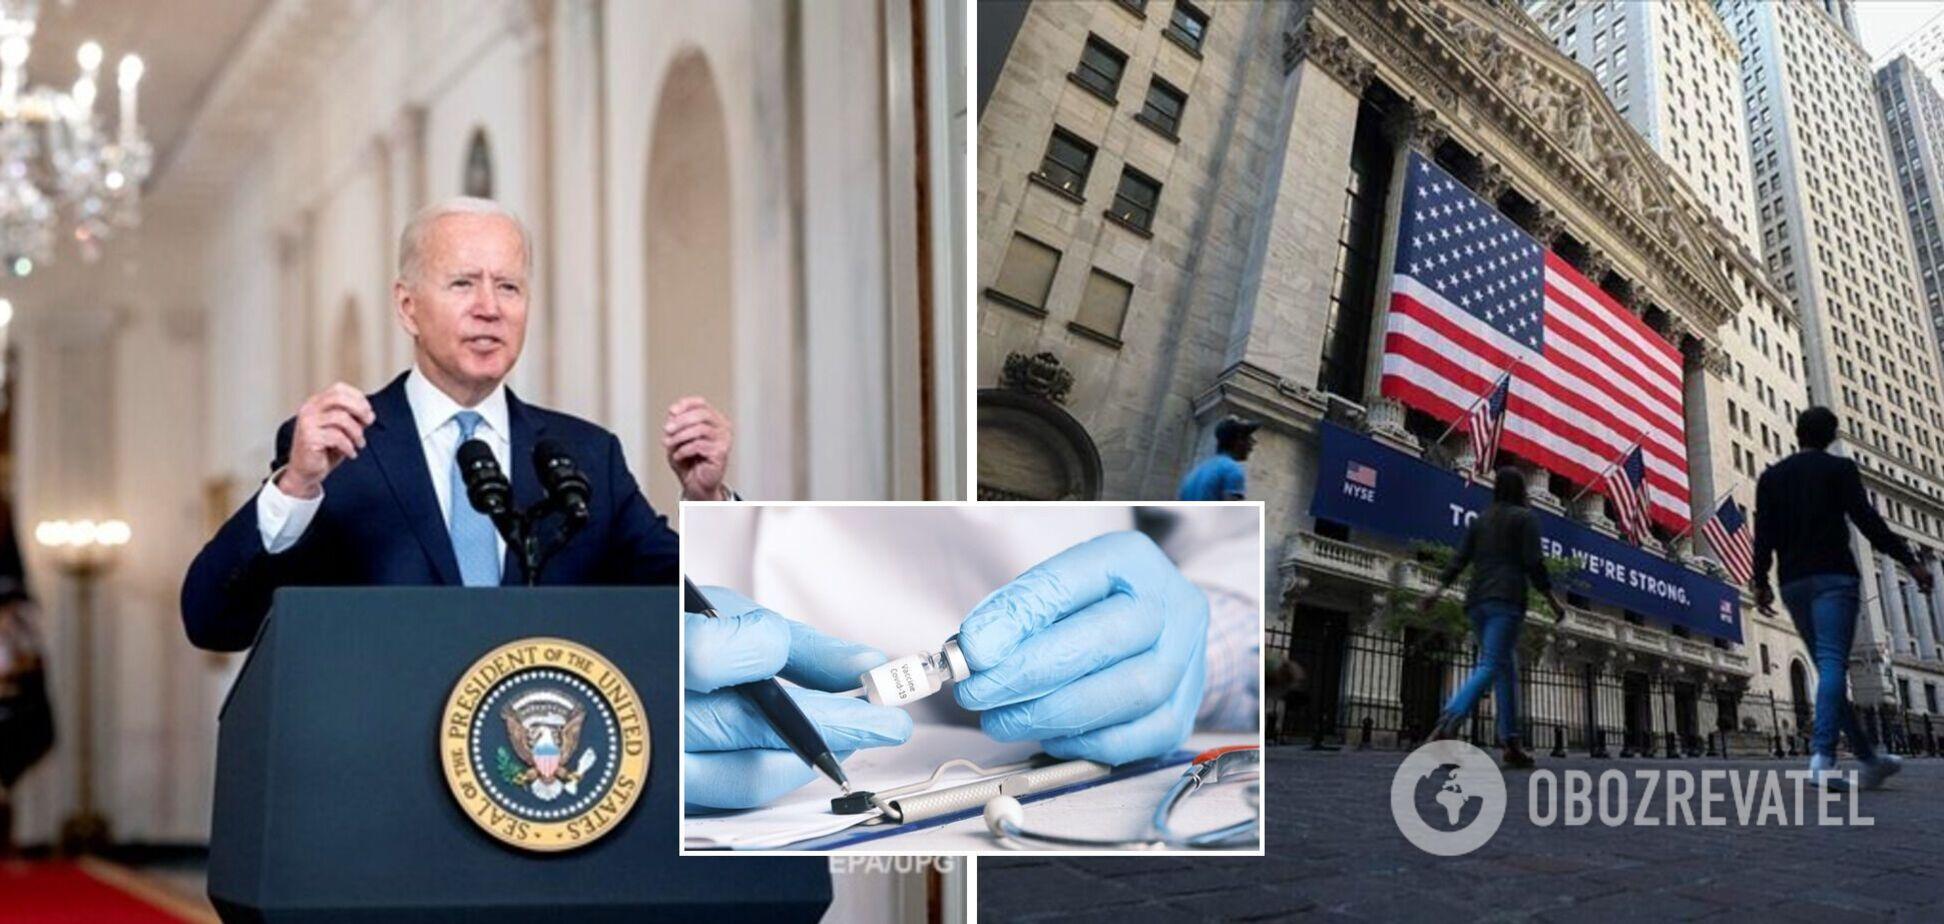 Вакцинация или тестирование: в США вводят новые правила в связи со всплеском COVID-19